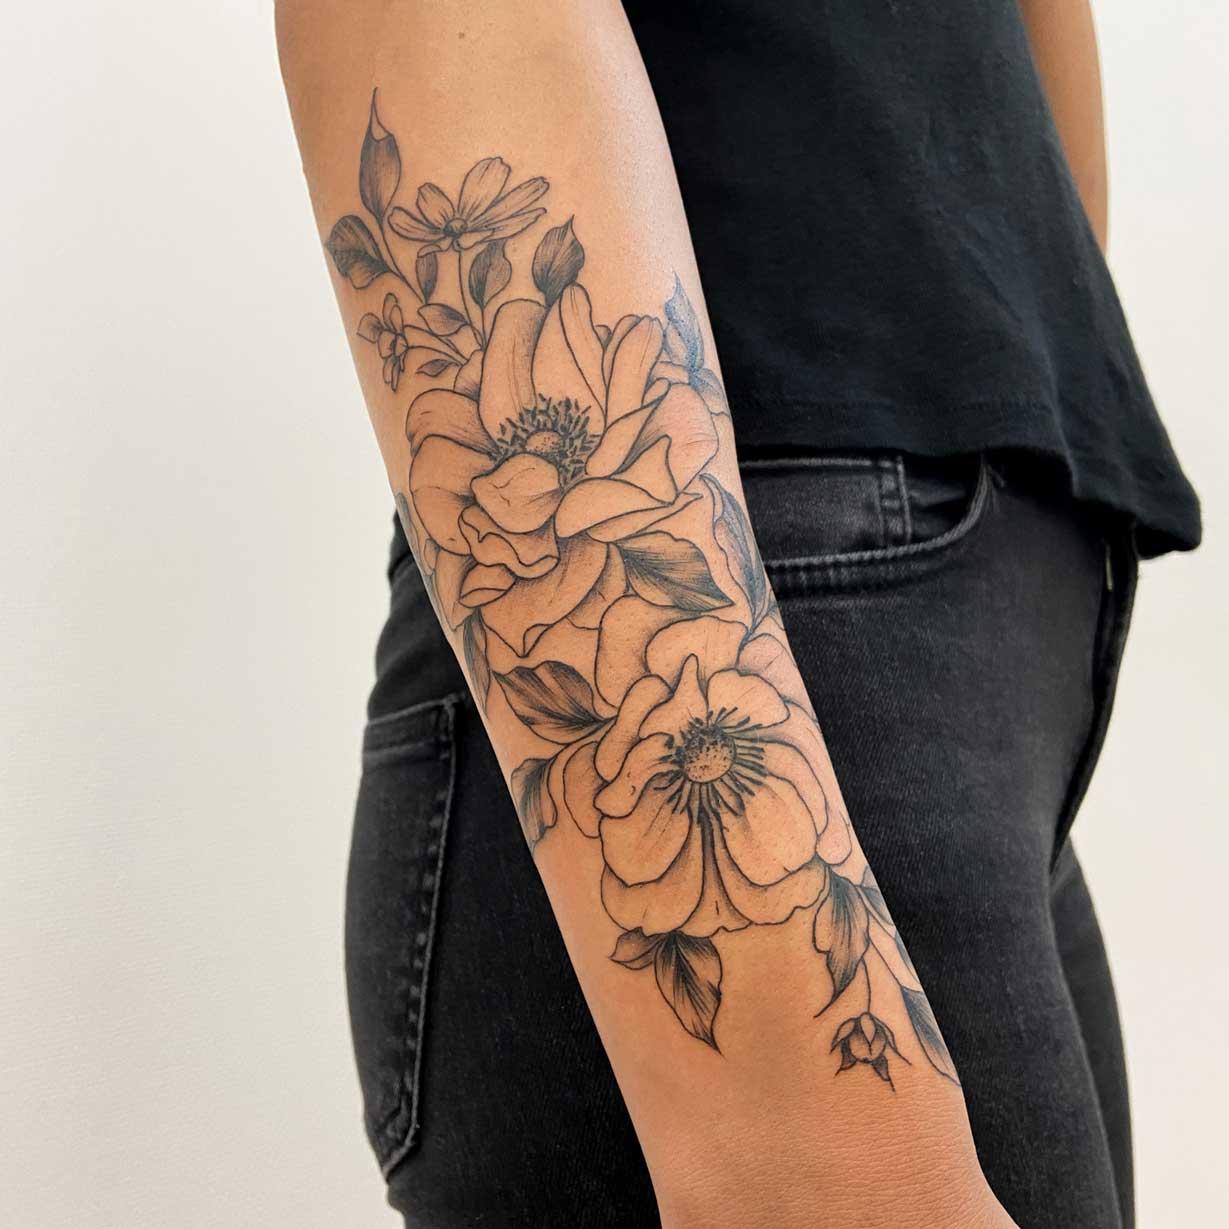 manchette-fleur-femme-fin-france